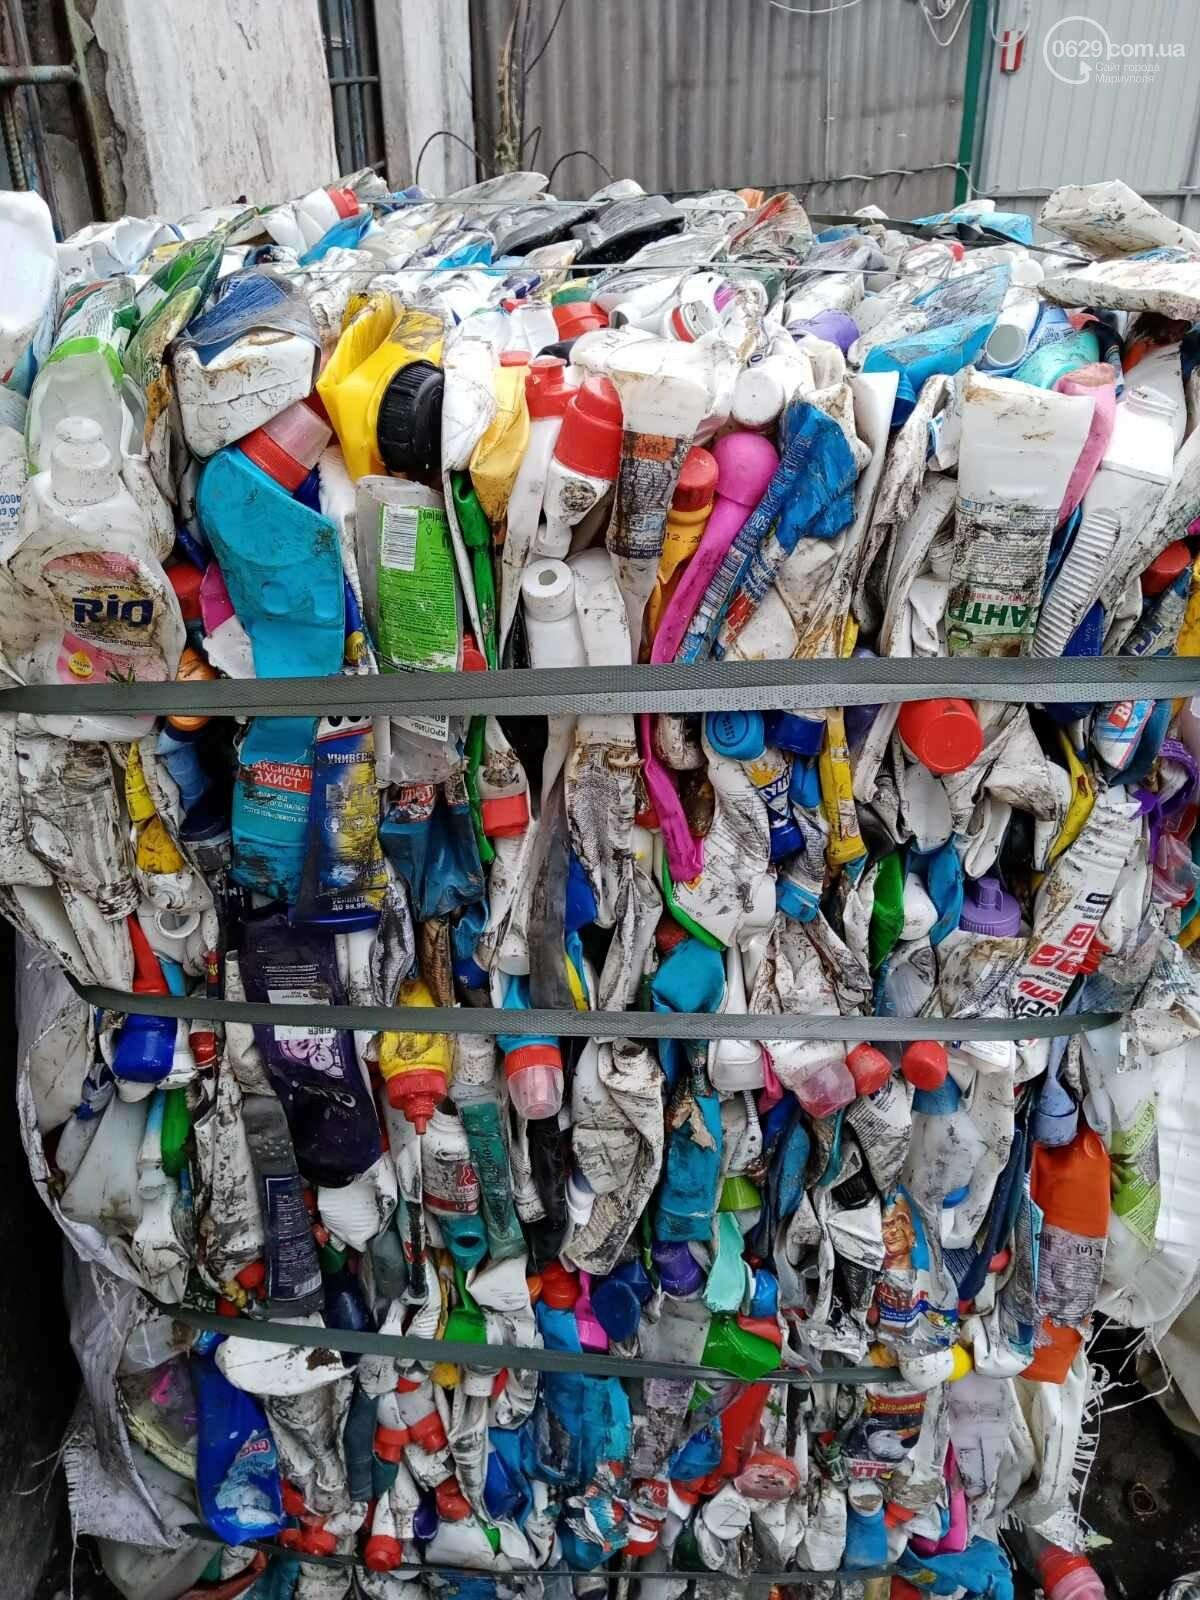 Мариуполь чистый город. Закупаем макулатуру, пластик, ПЭТ, стекло и другие отходы, фото-2